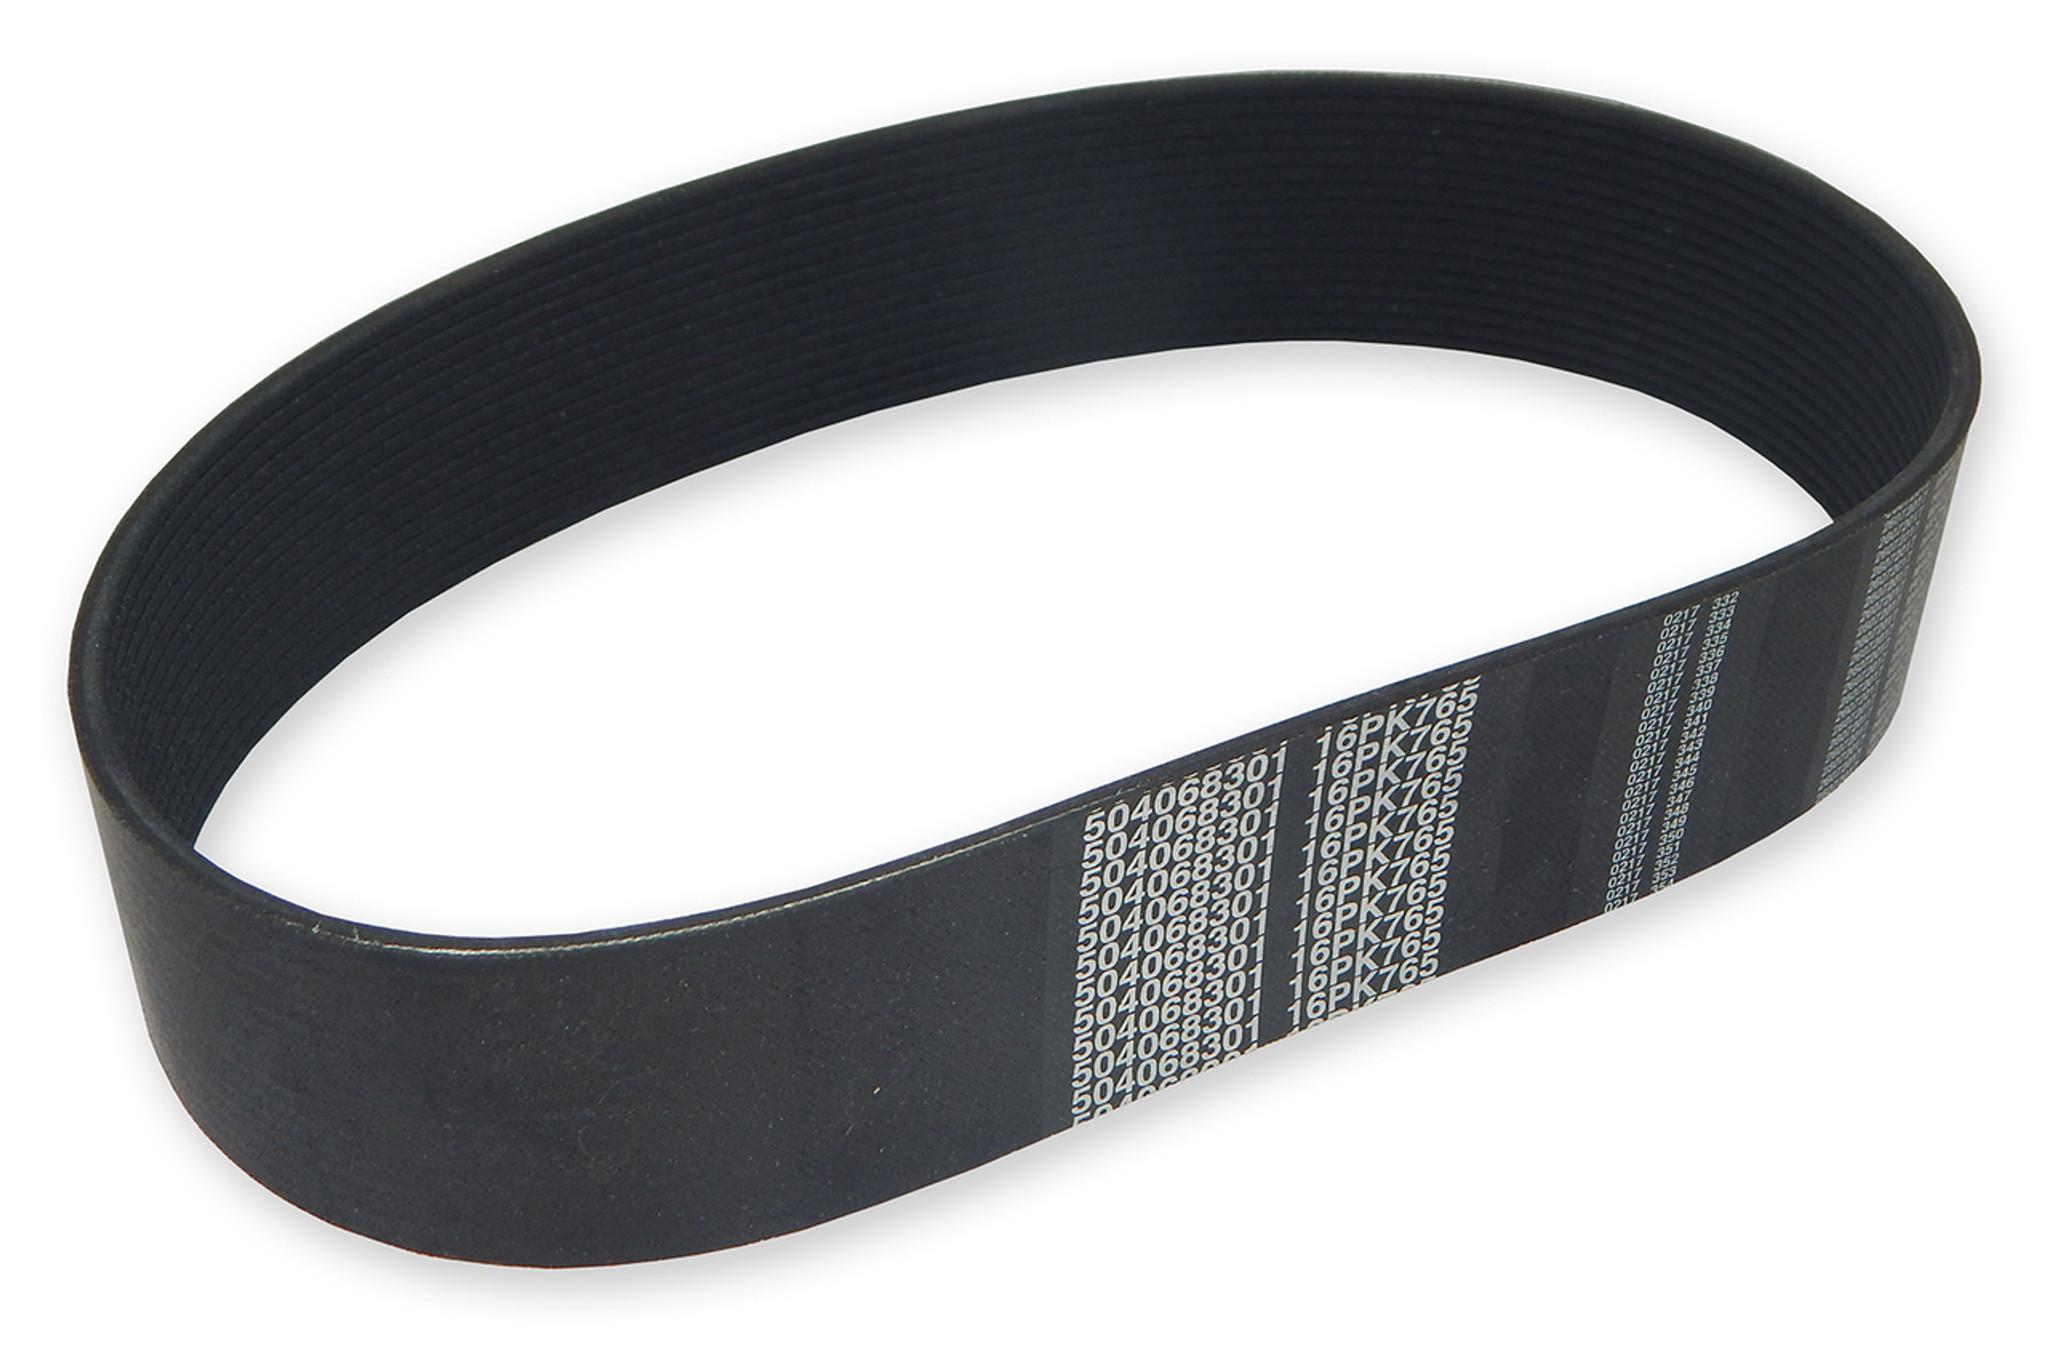 Belt, 16Pk765 (16 Groove)   Husqvarna FS513, FS520, FS524   504068301